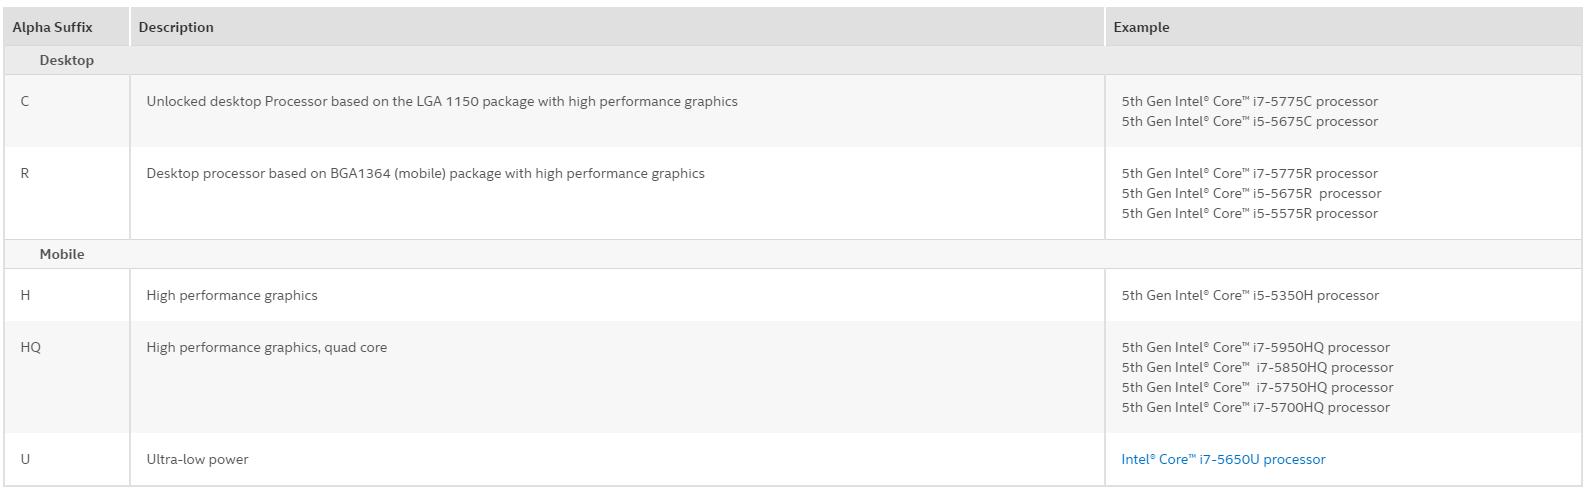 sufijos de rendimiento procesadores intel